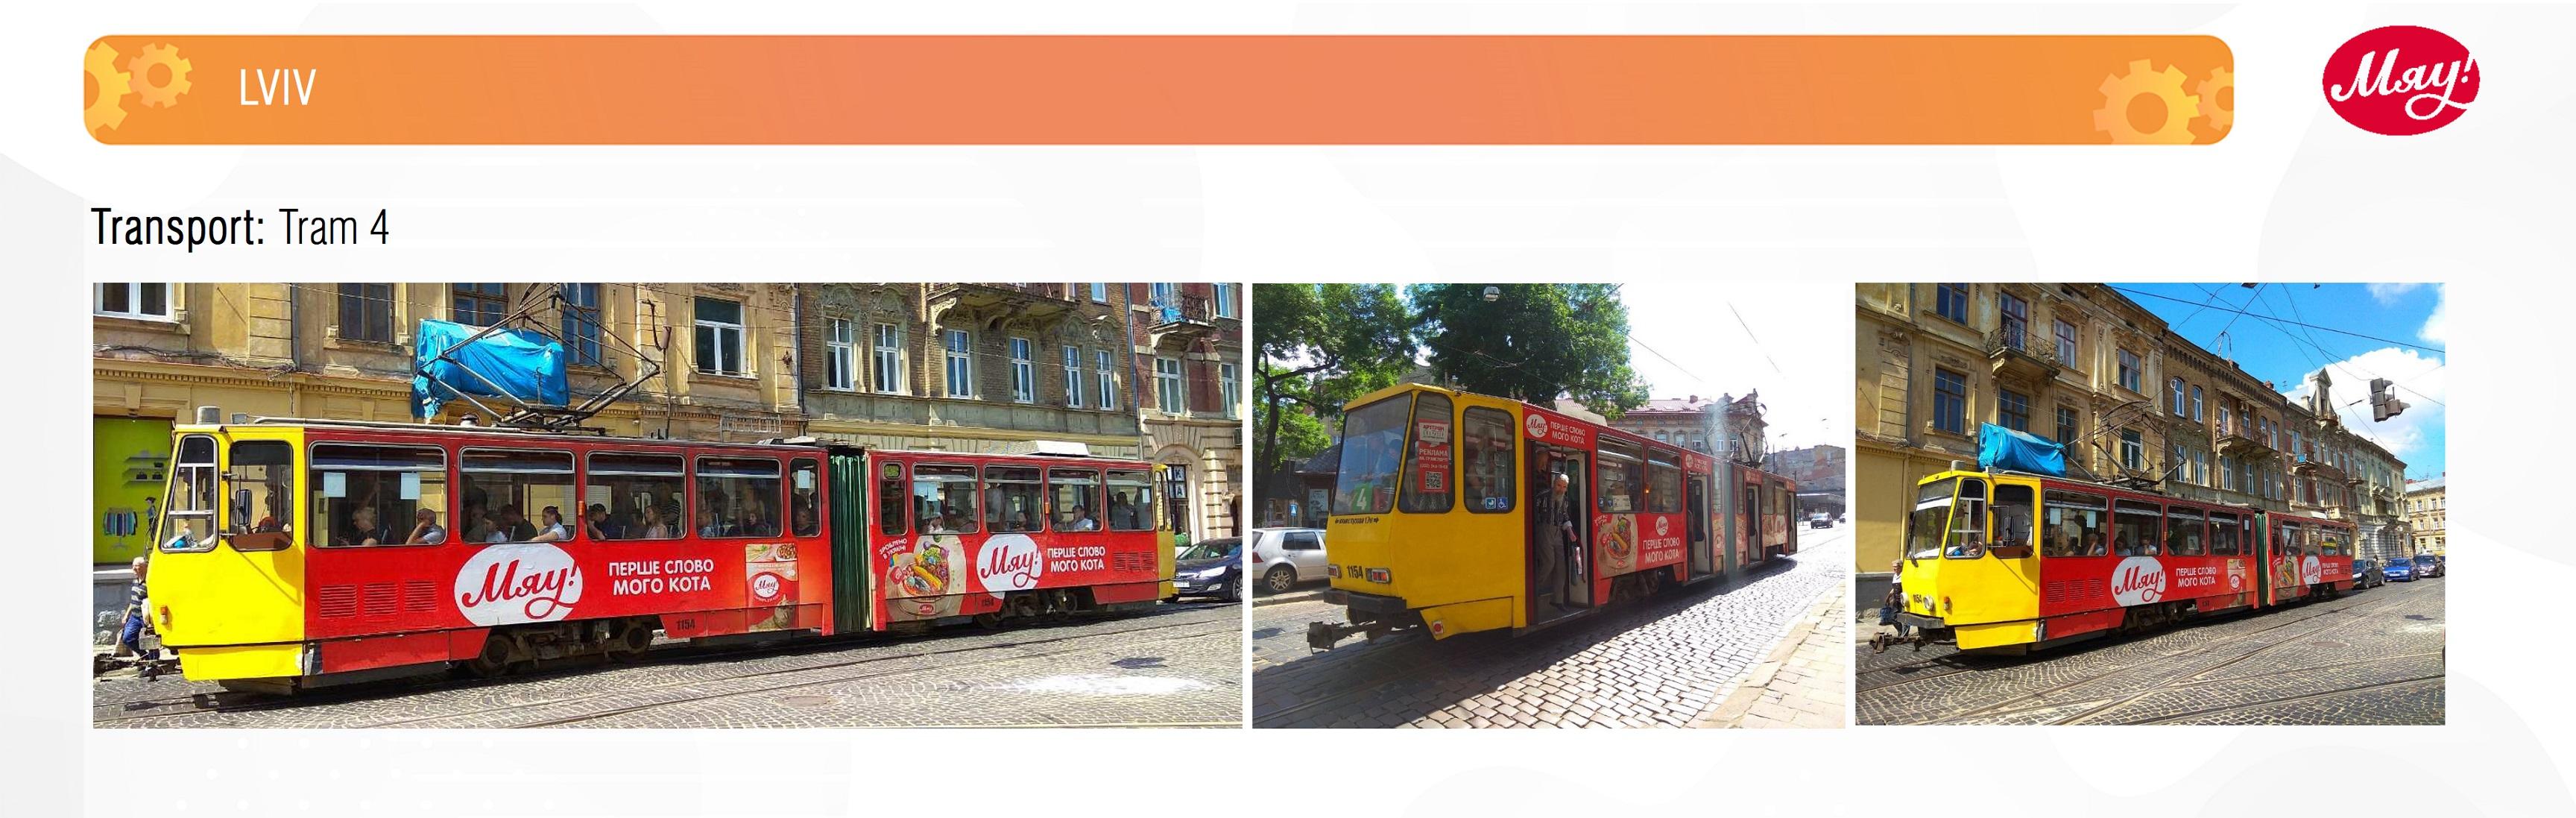 Реклама на транспорте Львово. Забрендировать трамвай